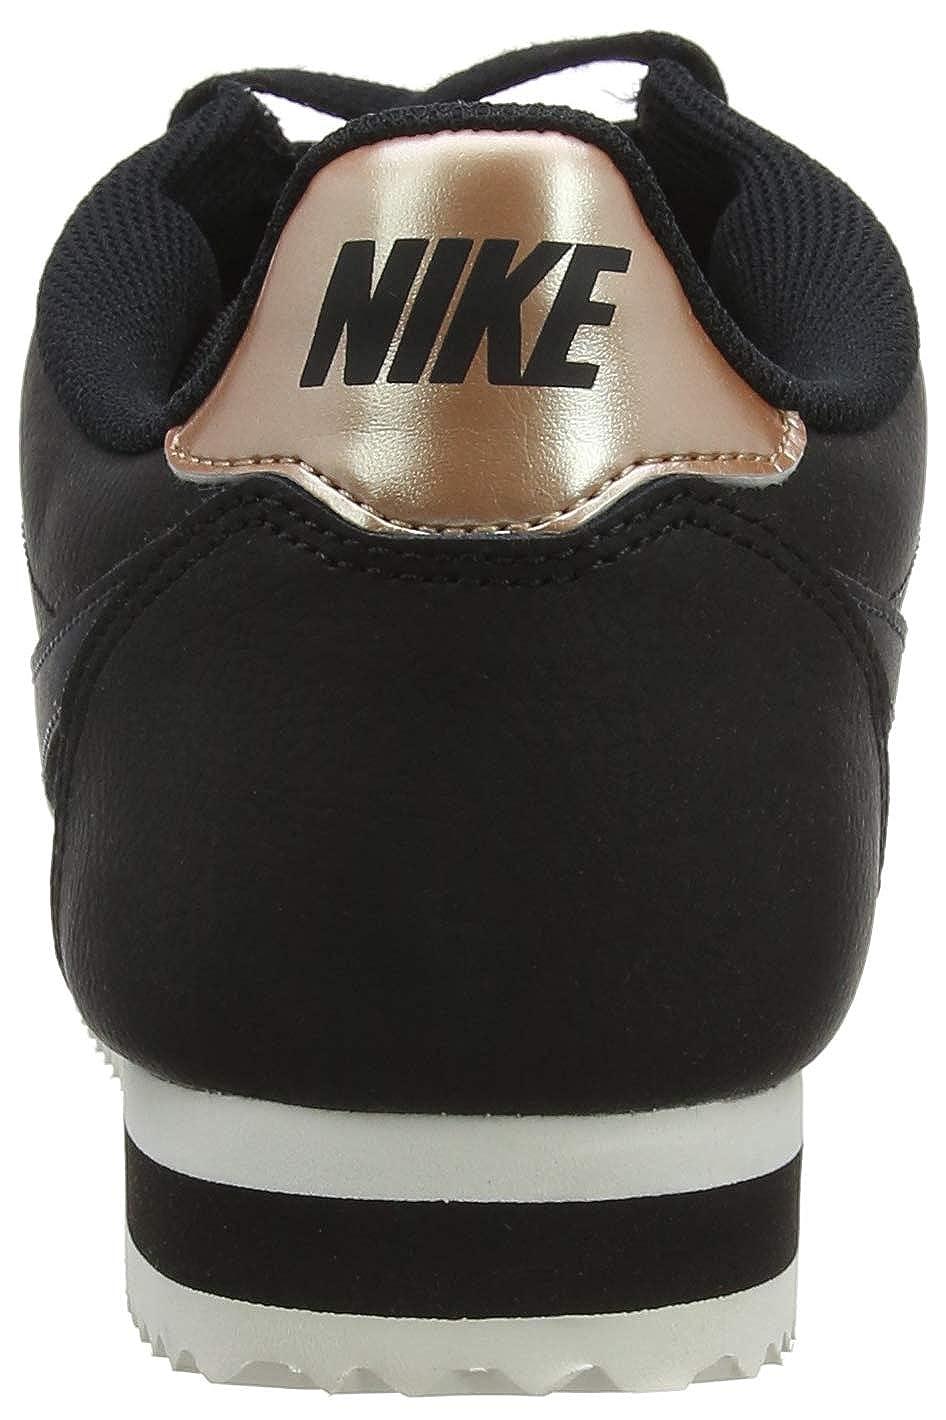 Nike Damen WMNS Classic Cortez Cortez Cortez Leather Fitnessschuhe 5a6d9d